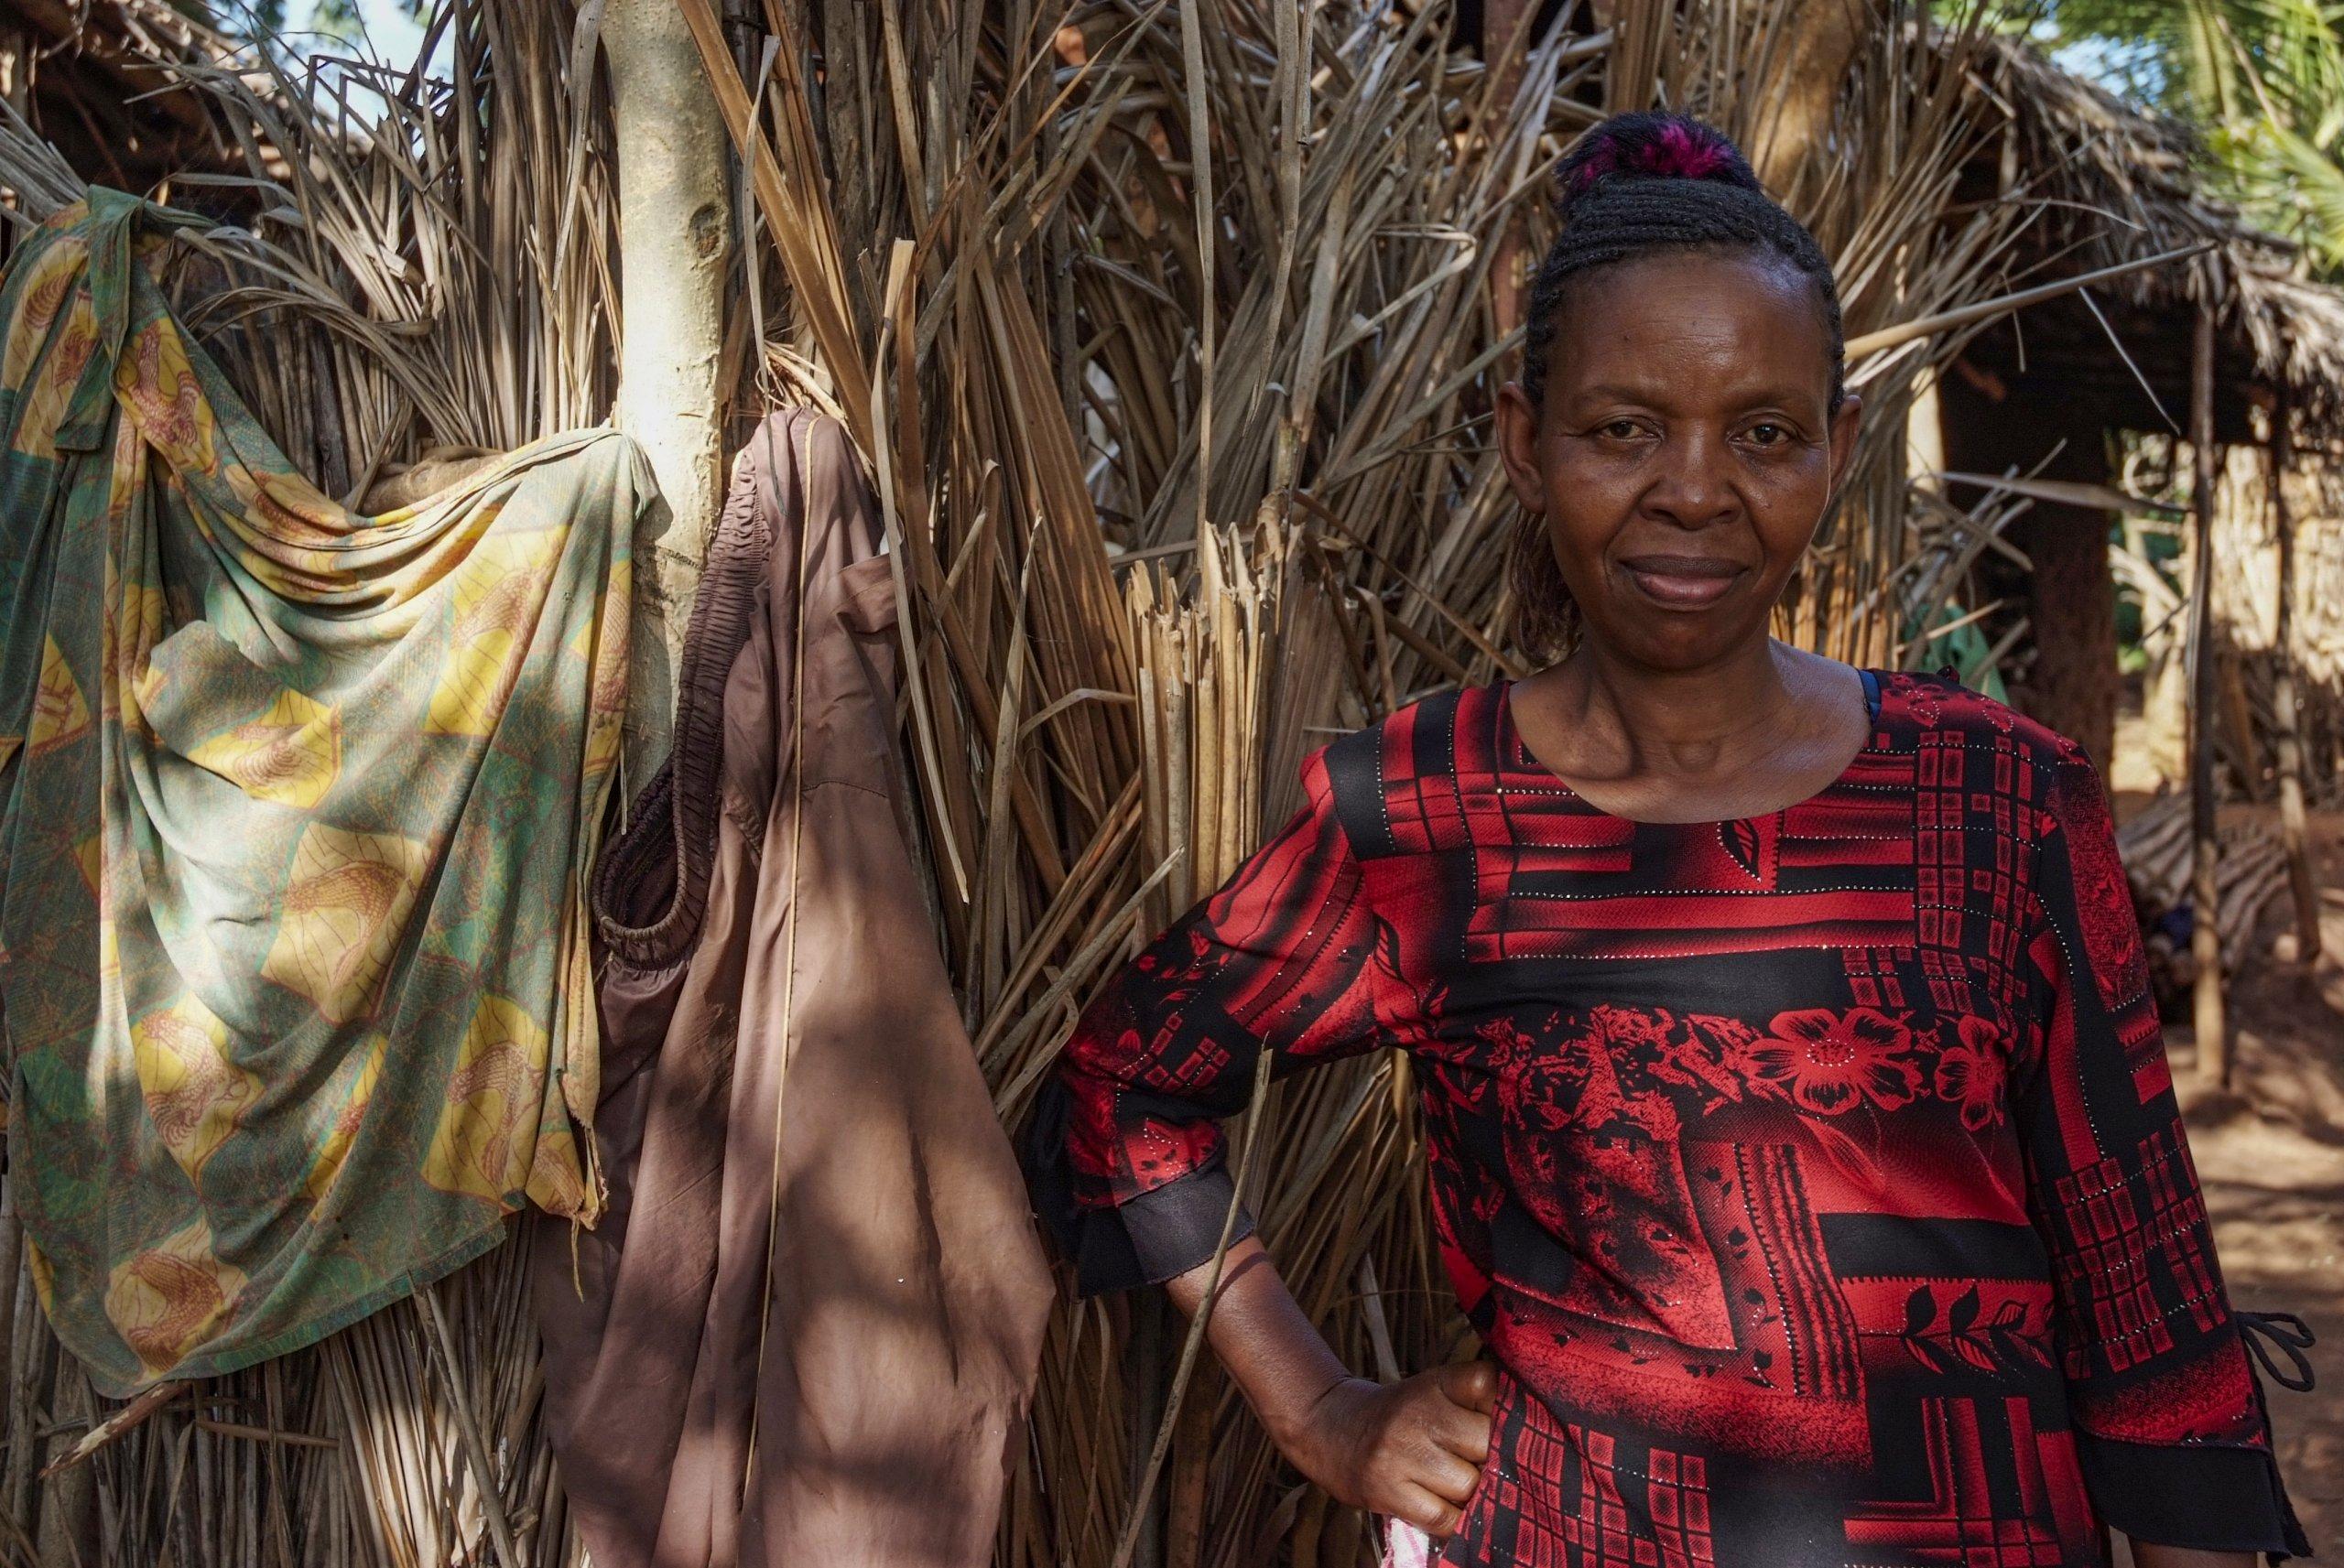 39 01 boerin trotsevrouw Victoria Mbaga Maramba Tanzania 6276 scaled